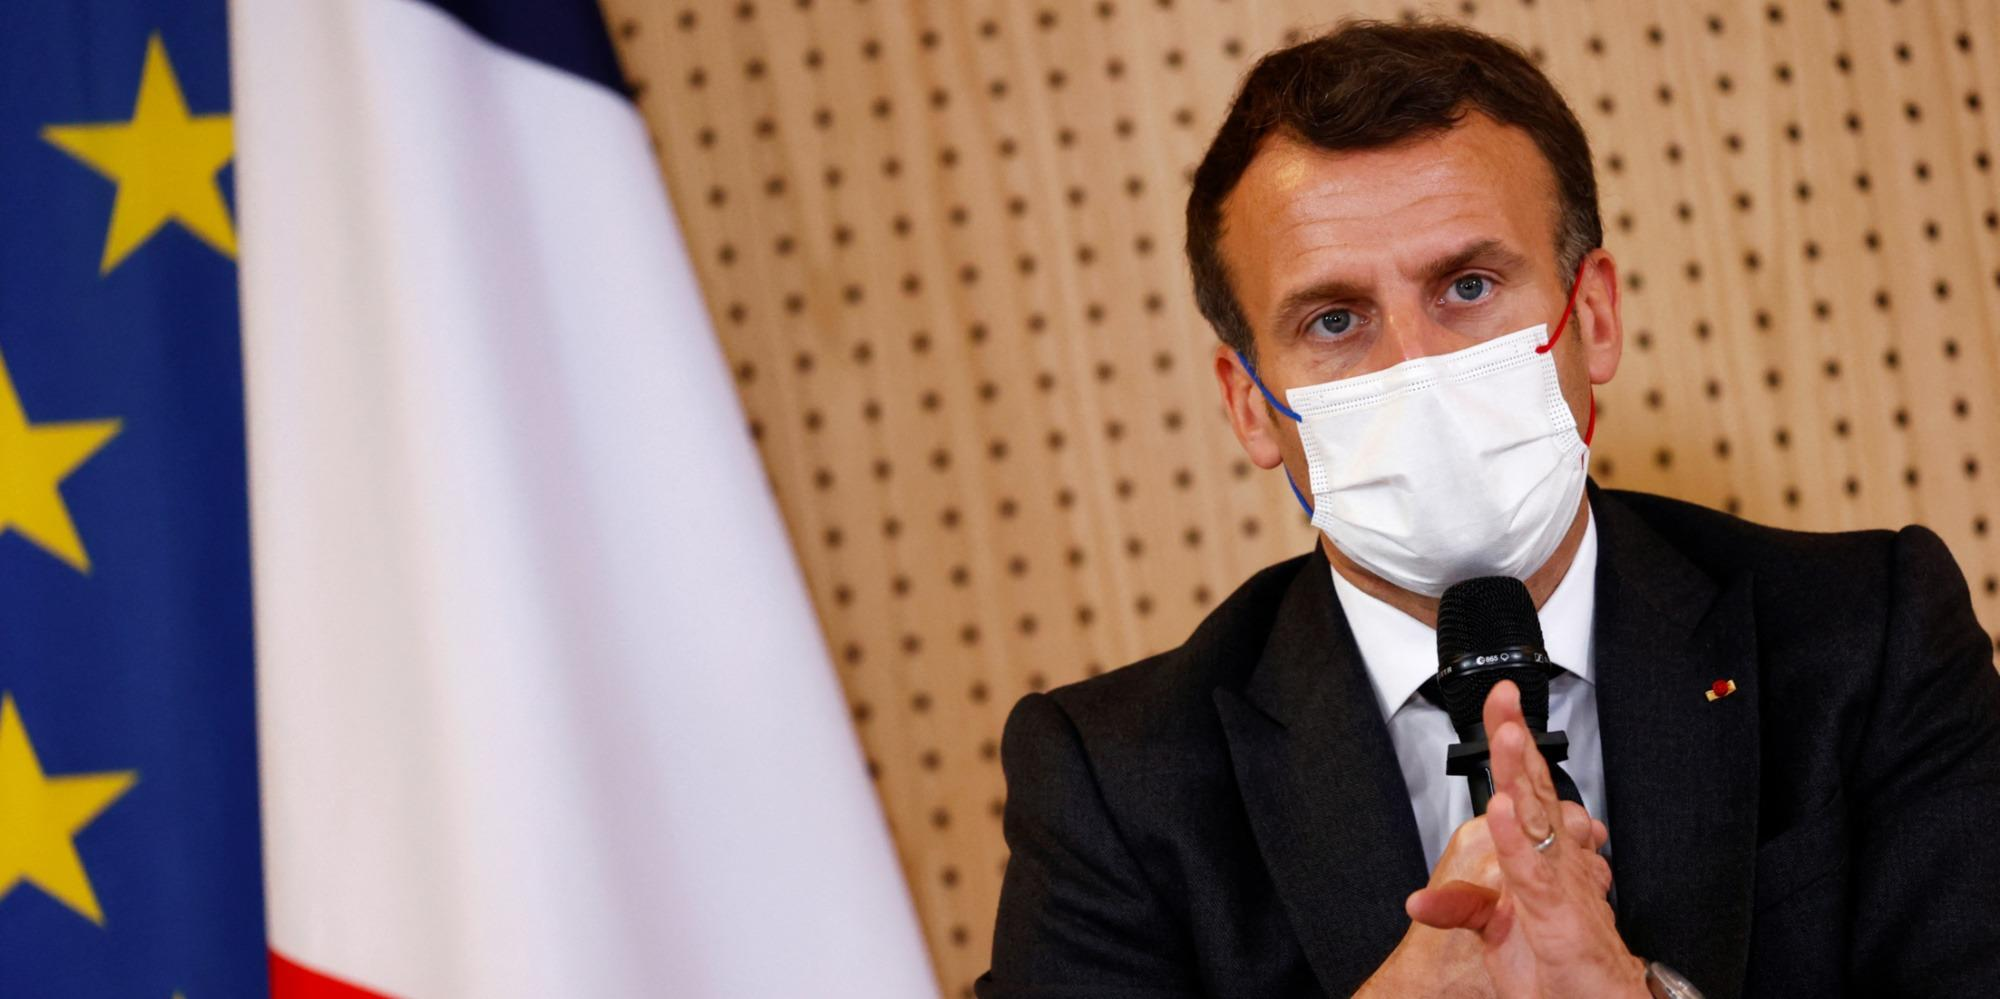 Au Portugal, Emmanuel Macron va parler droits sociaux en Europe, un argument électoral pour 2022